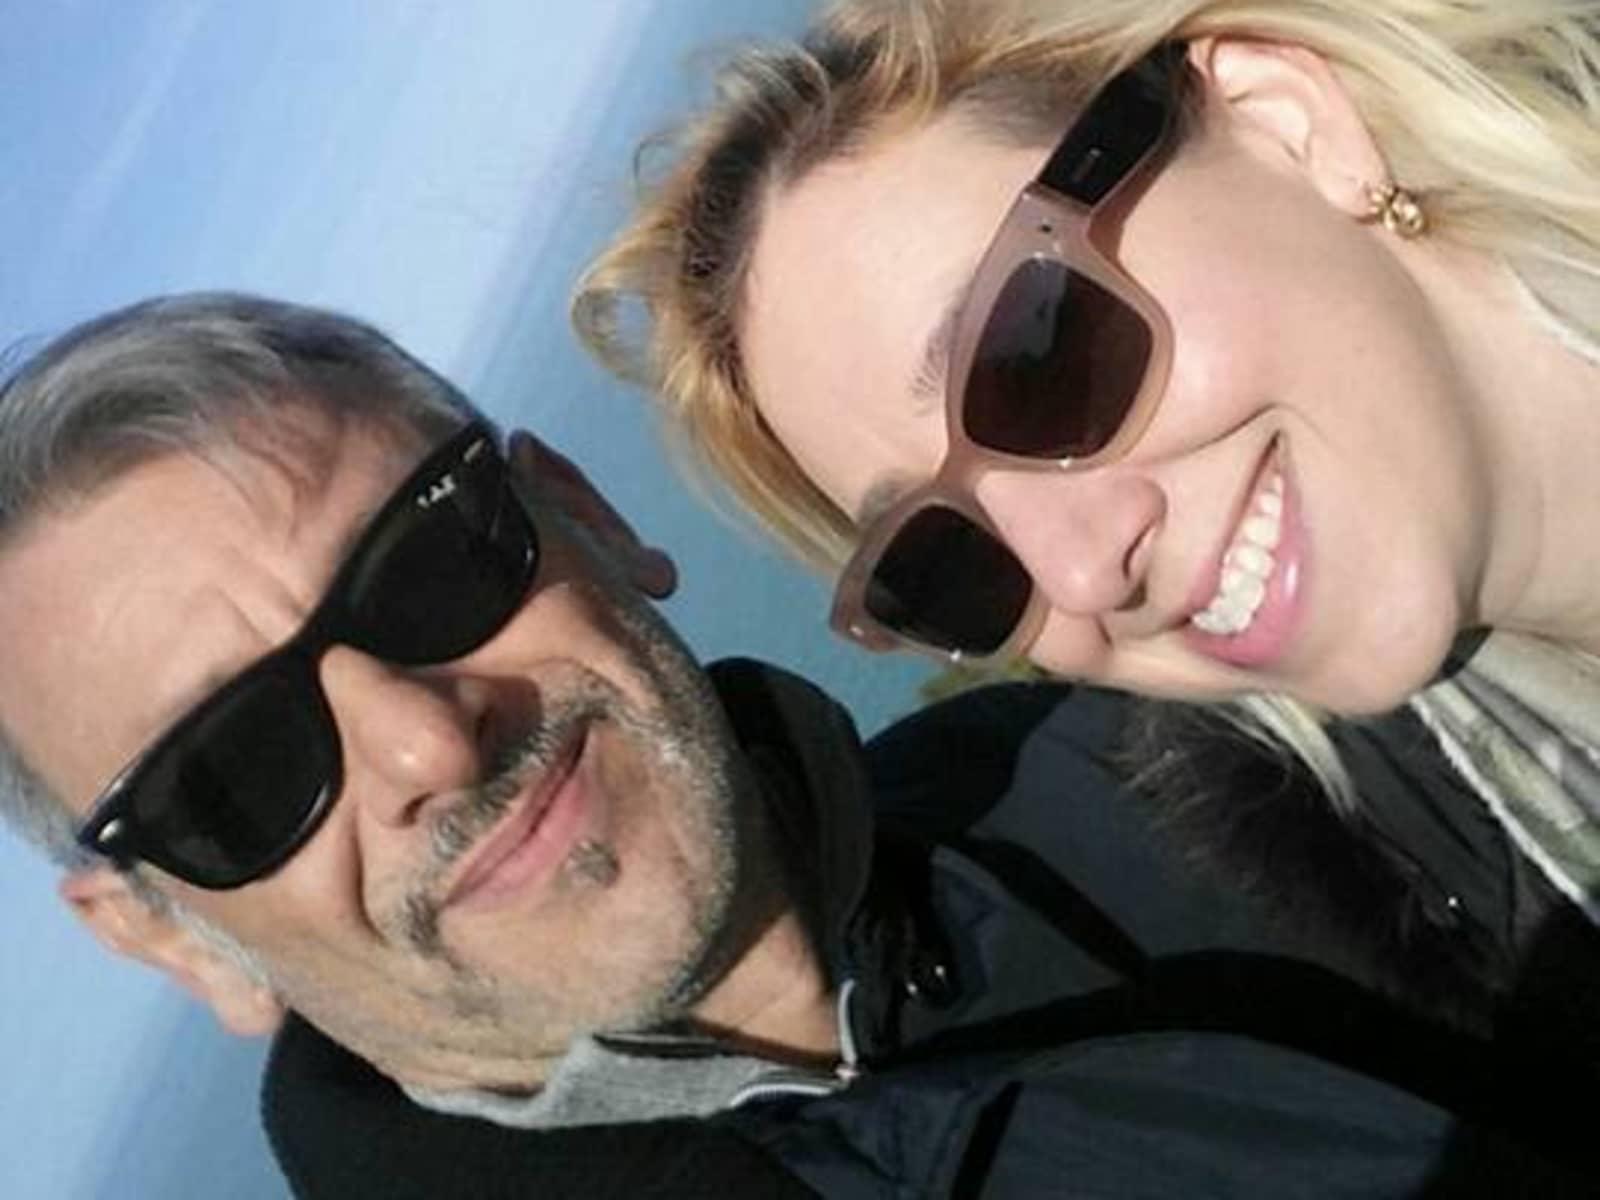 Tara & andrea & Andrea from Recanati, Italy